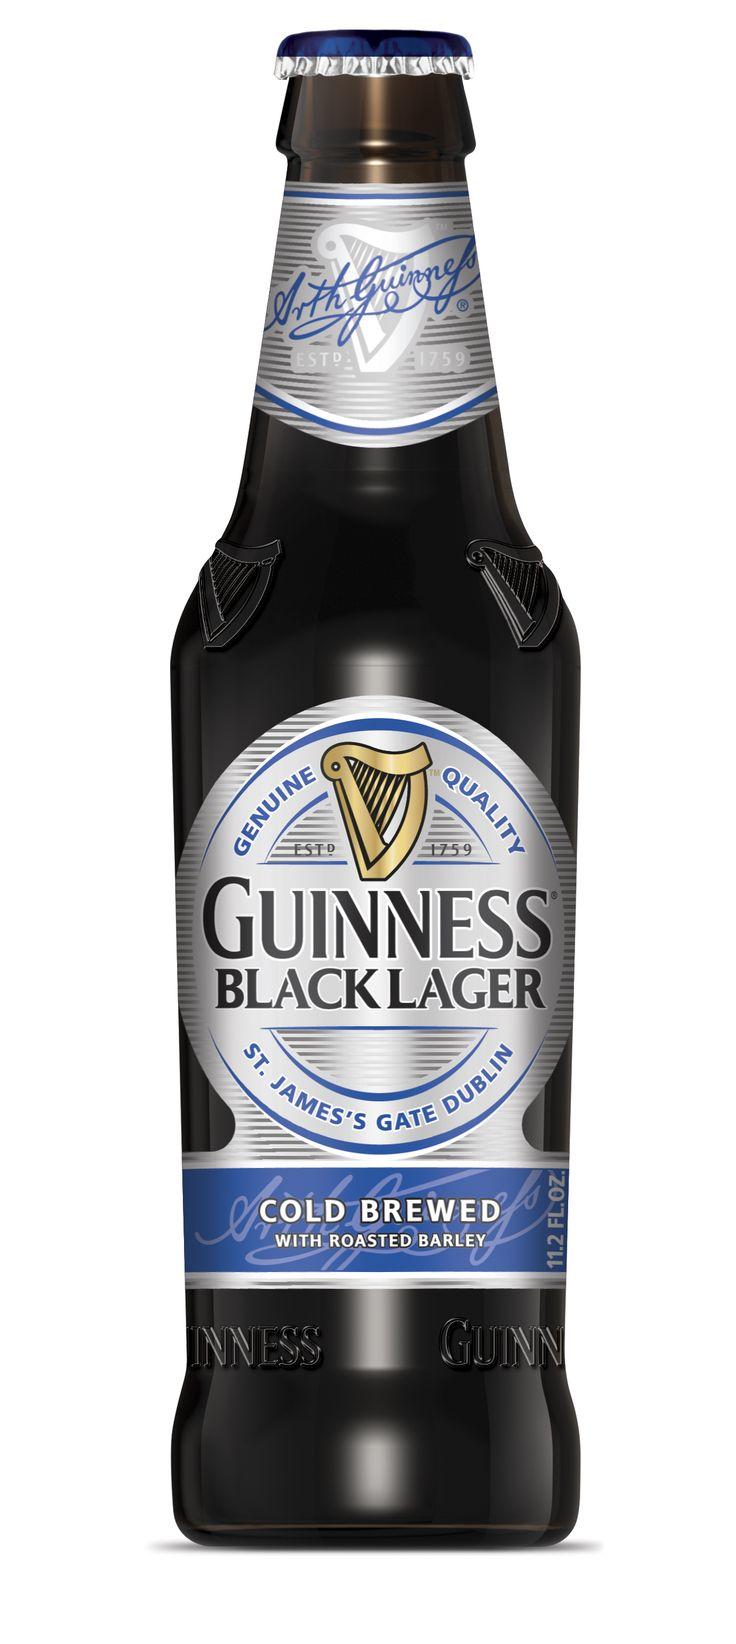 Guinness Black Lager Review #beer #guinness #reviews